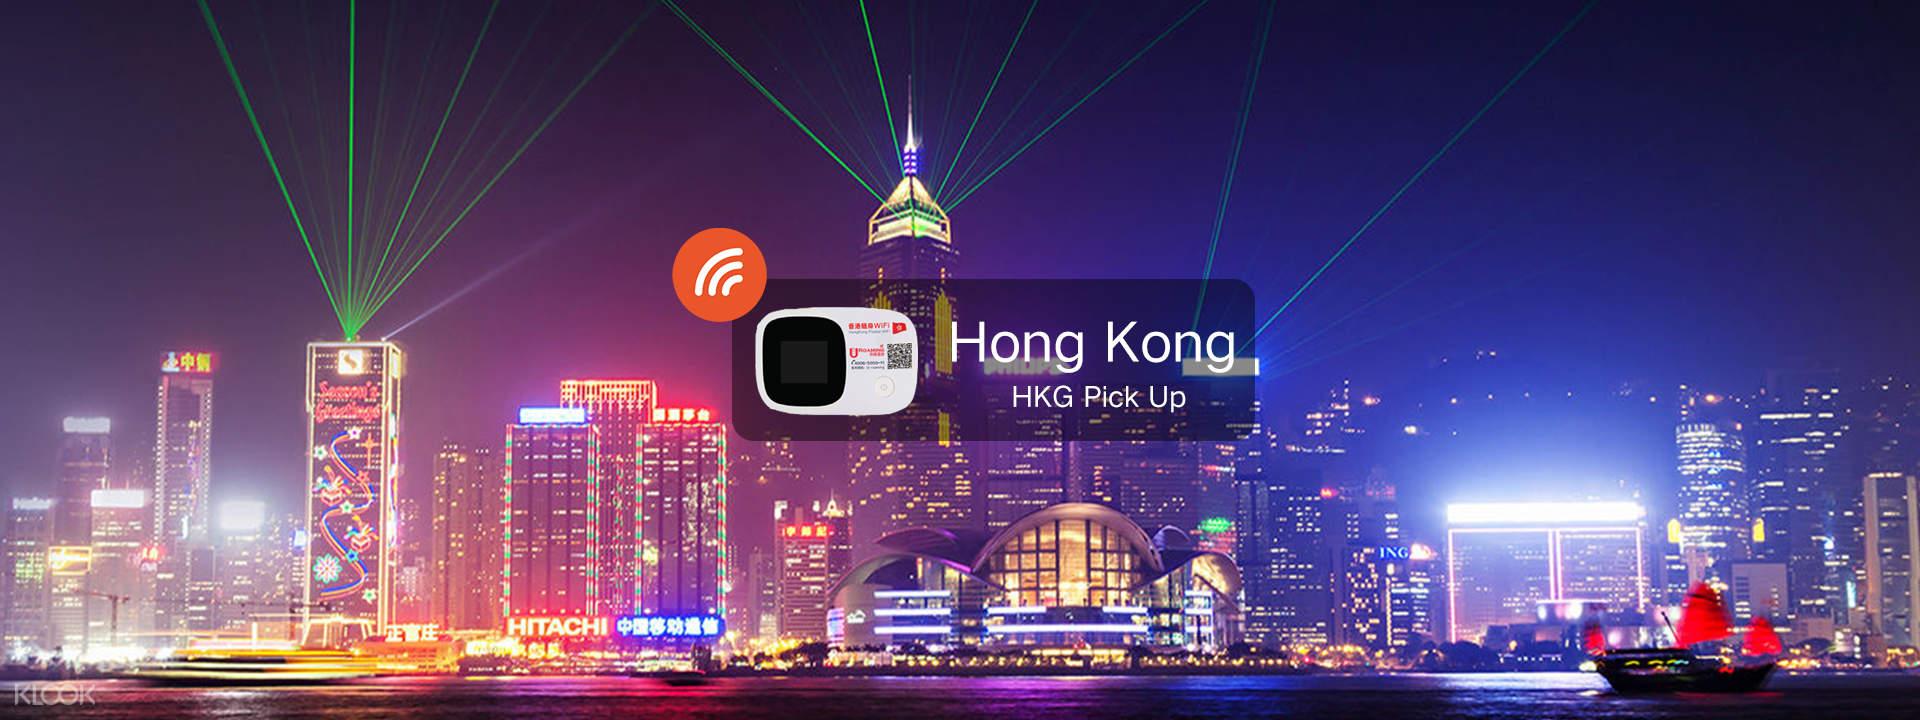 香港4G WiFi分享器 - 每日500MB,超過降速2G(香港領取) - KLOOK客路